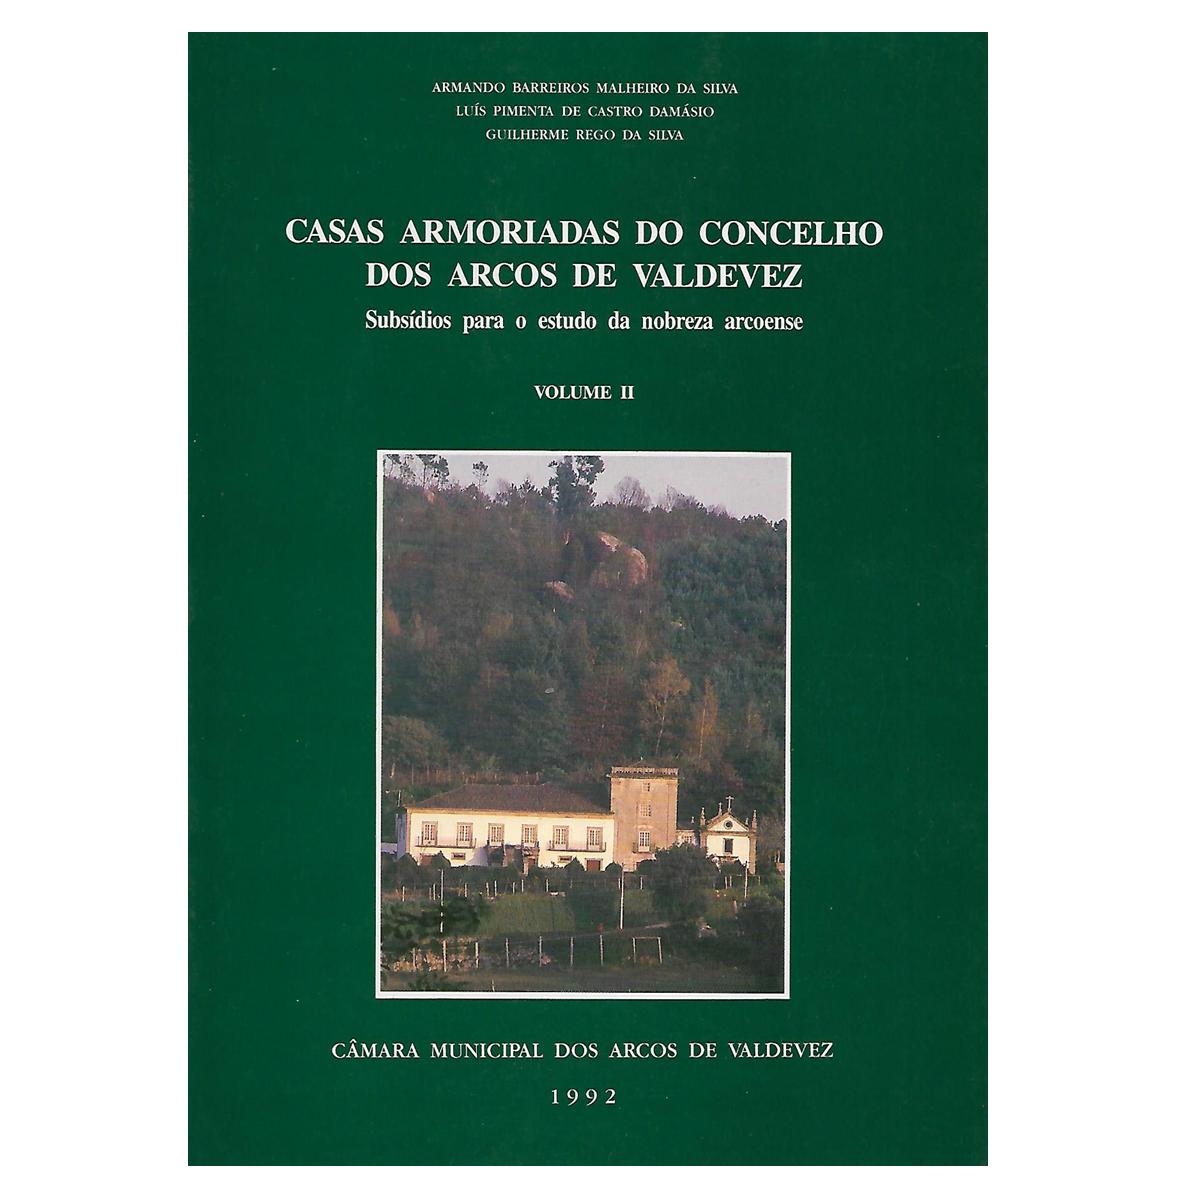 Casas Armoriadas do Concelho dos Arcos de Valdevez: